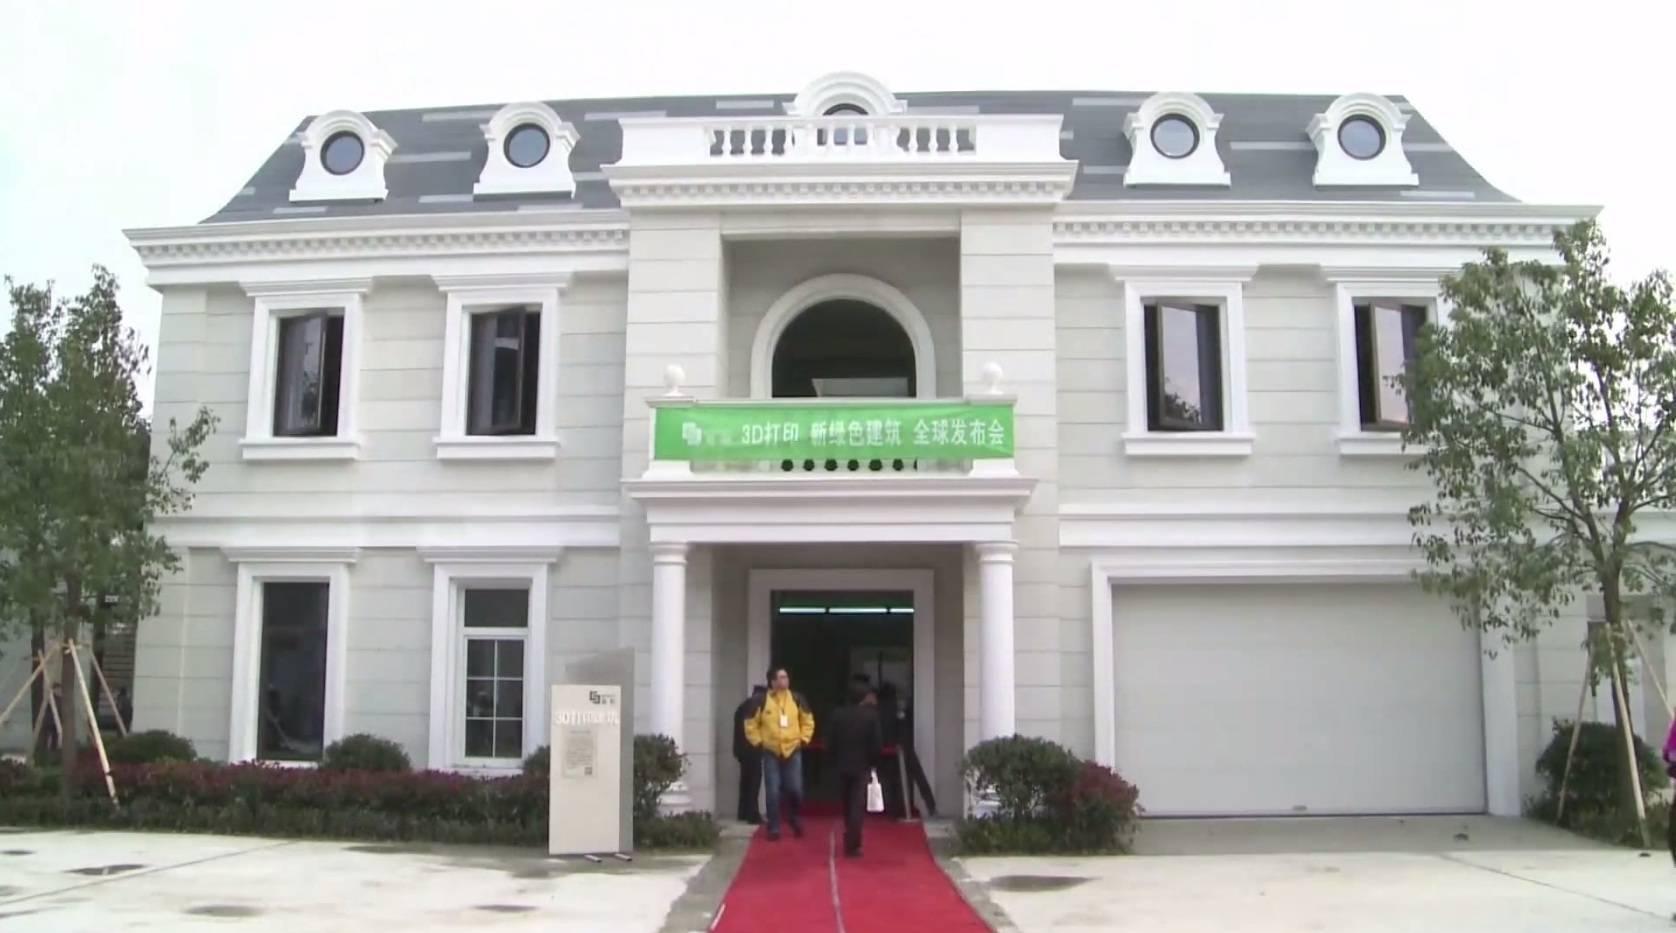 Китайская компания WinSun научилась печатать многоэтажные дома на 3D-принтере